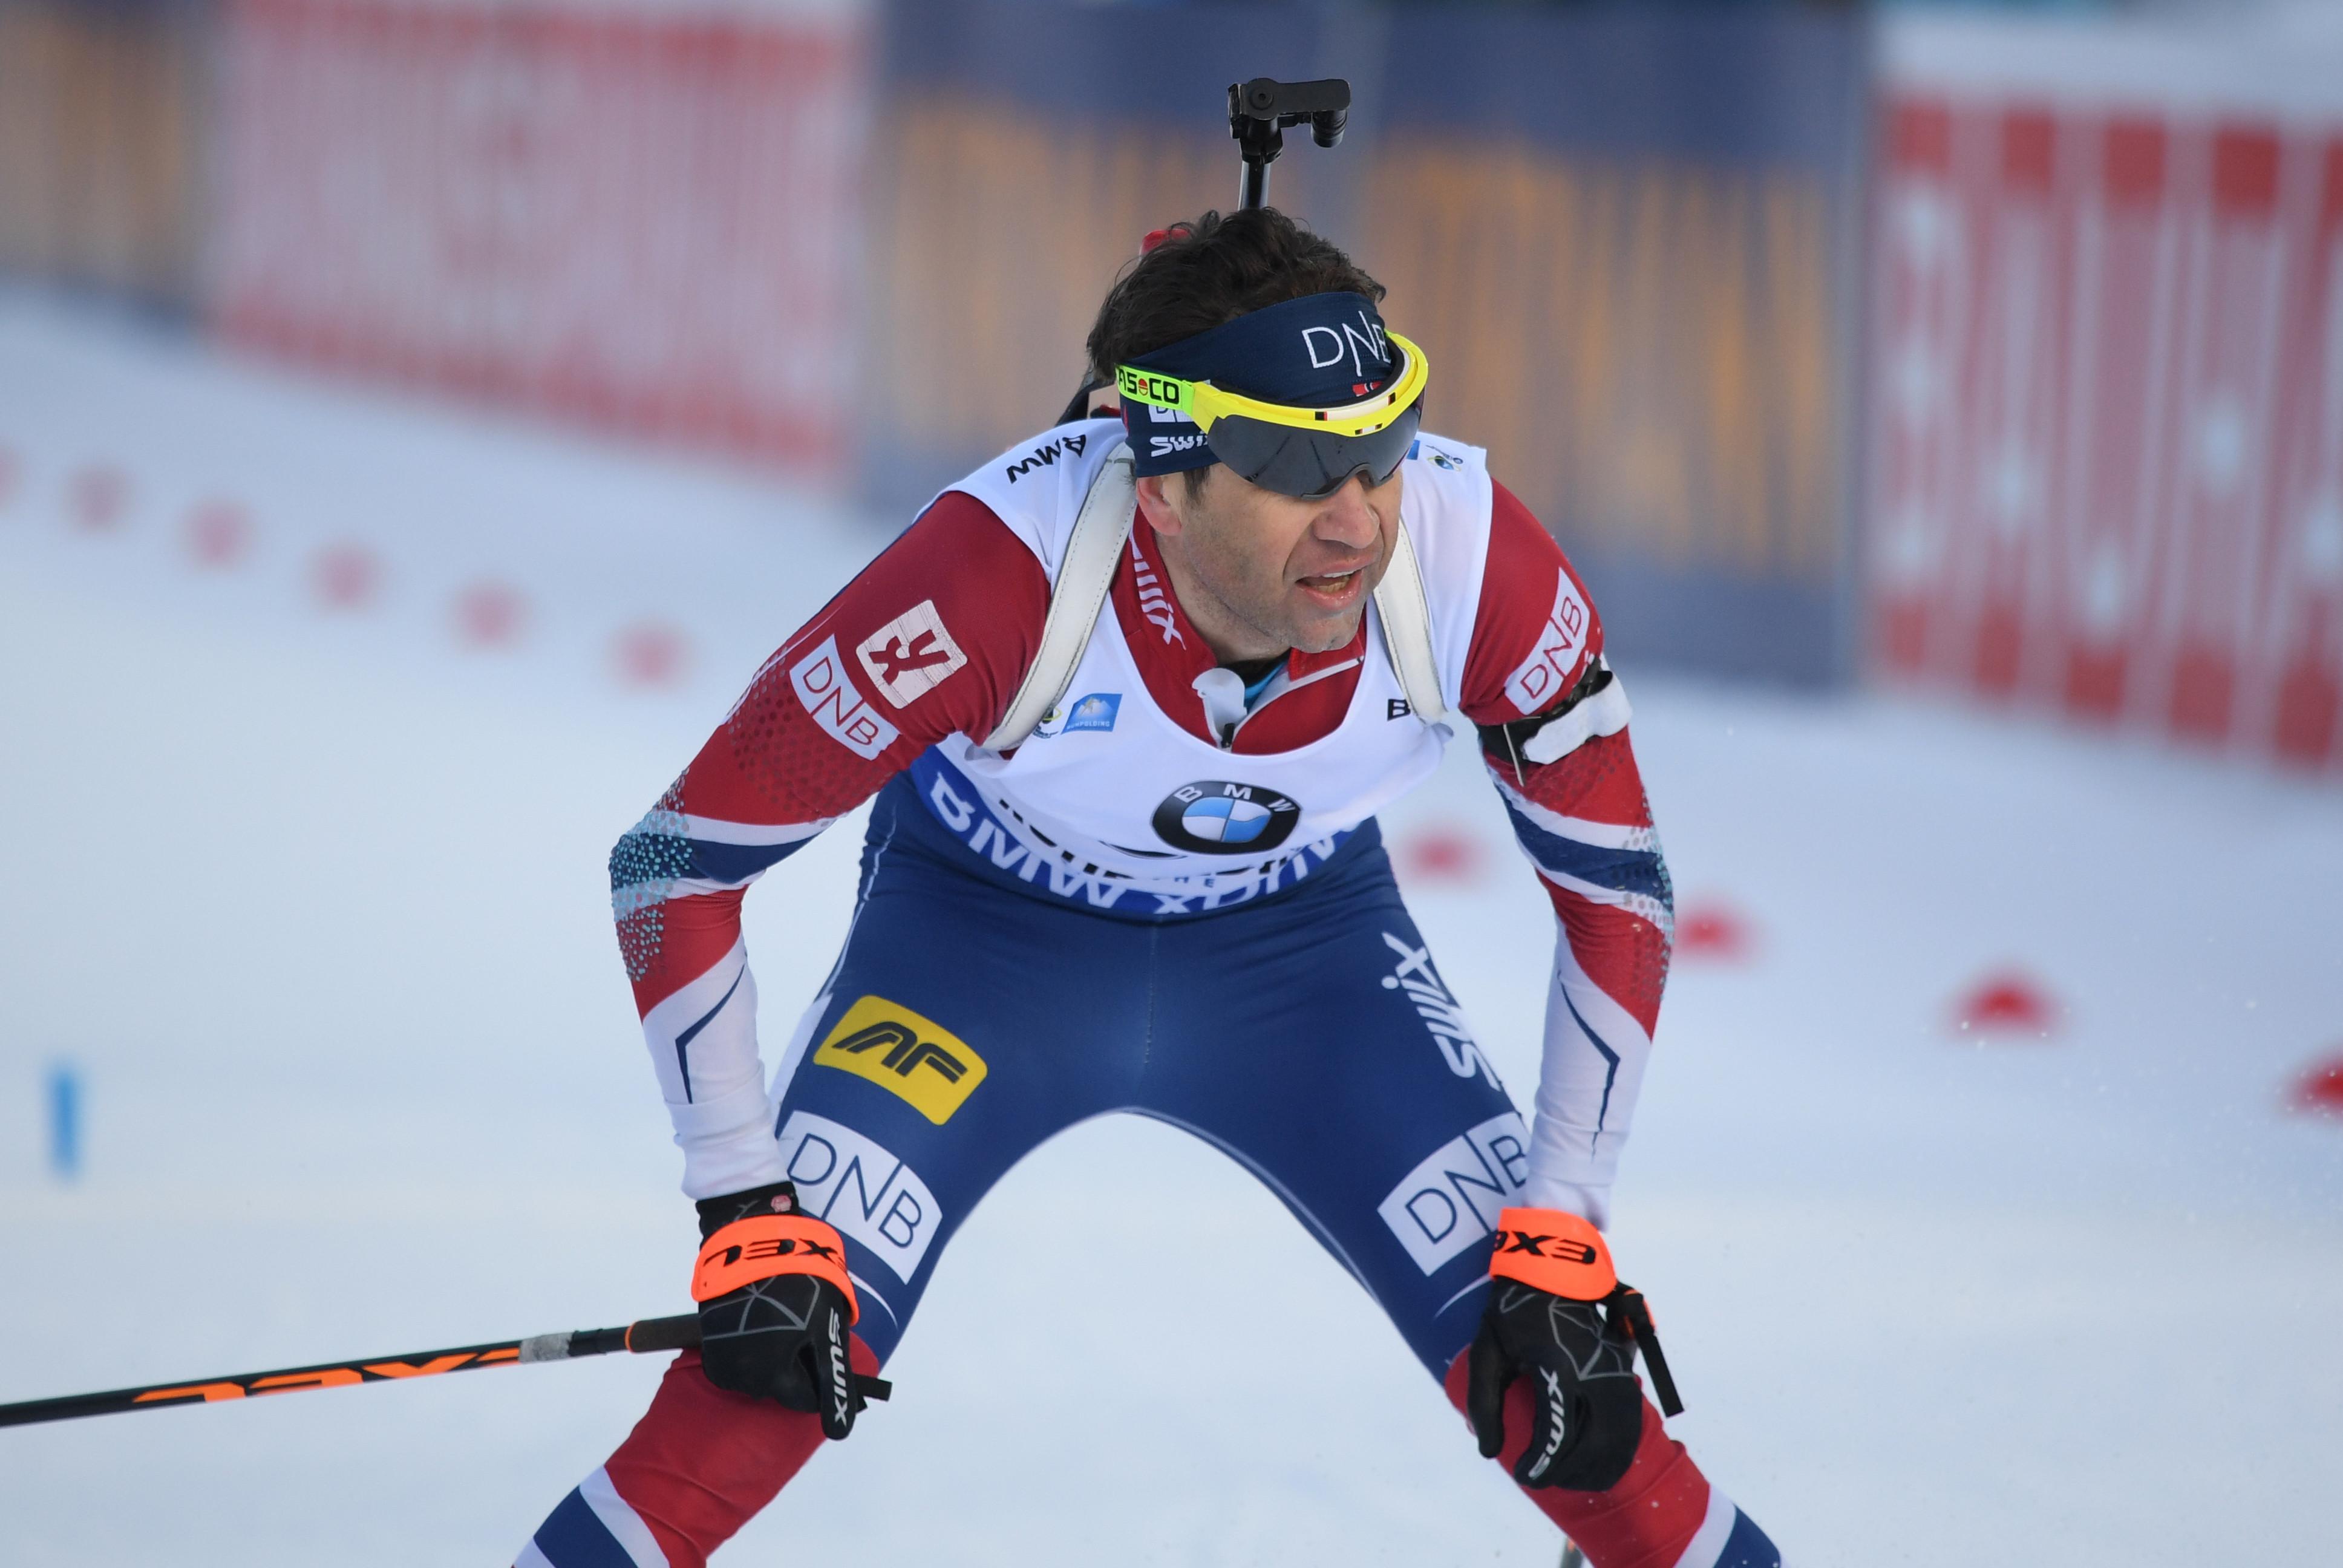 <p><span>Норвежский биатлонист Уле-Эйнар Бьорндален.&nbsp;Фото: &copy;РИА Новости/Алексей Филиппов</span></p>